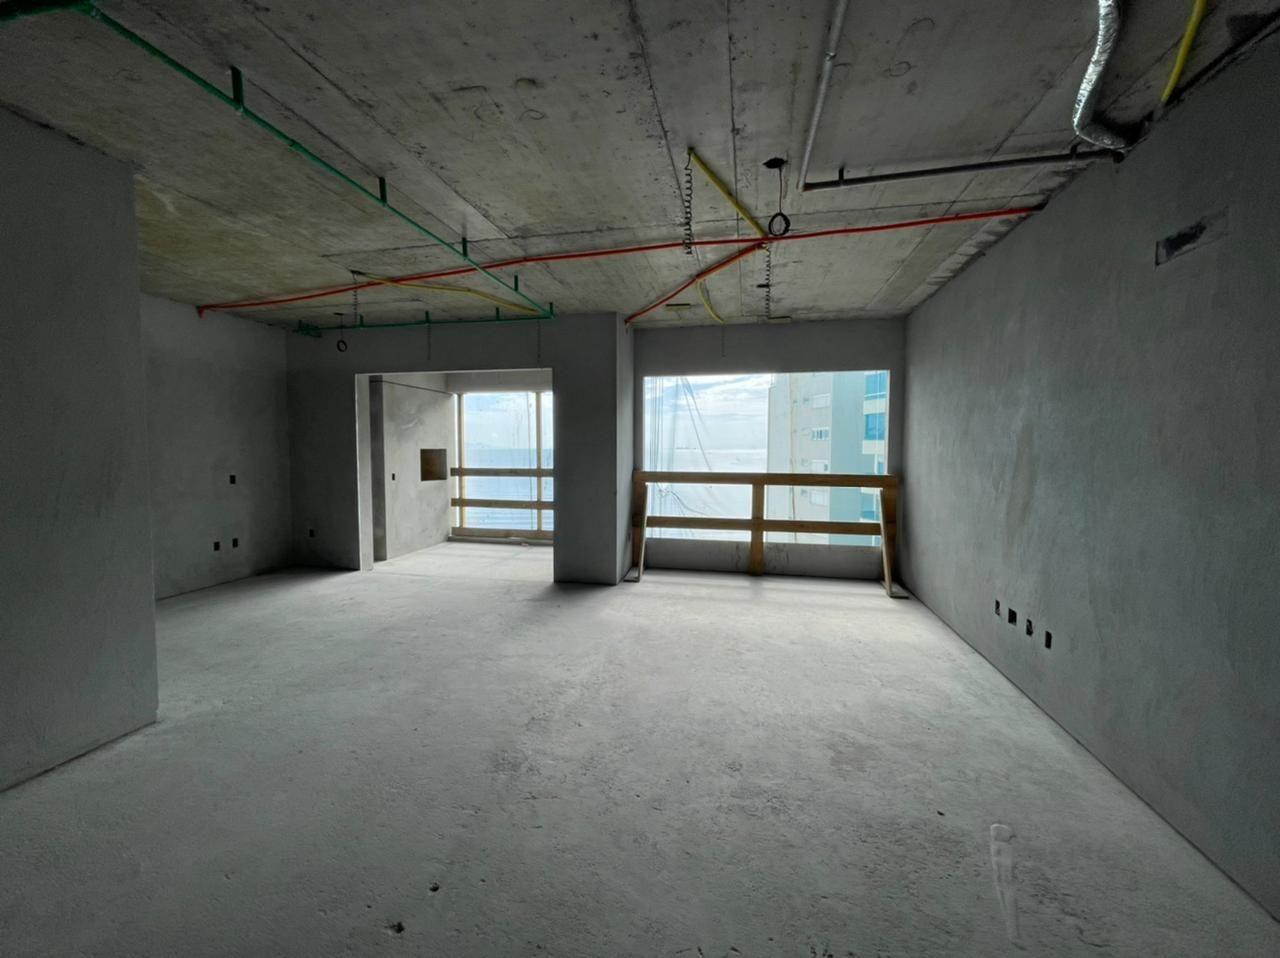 Apartamento no Edifício Ilhas Marianas em Balneário Camboriú SC